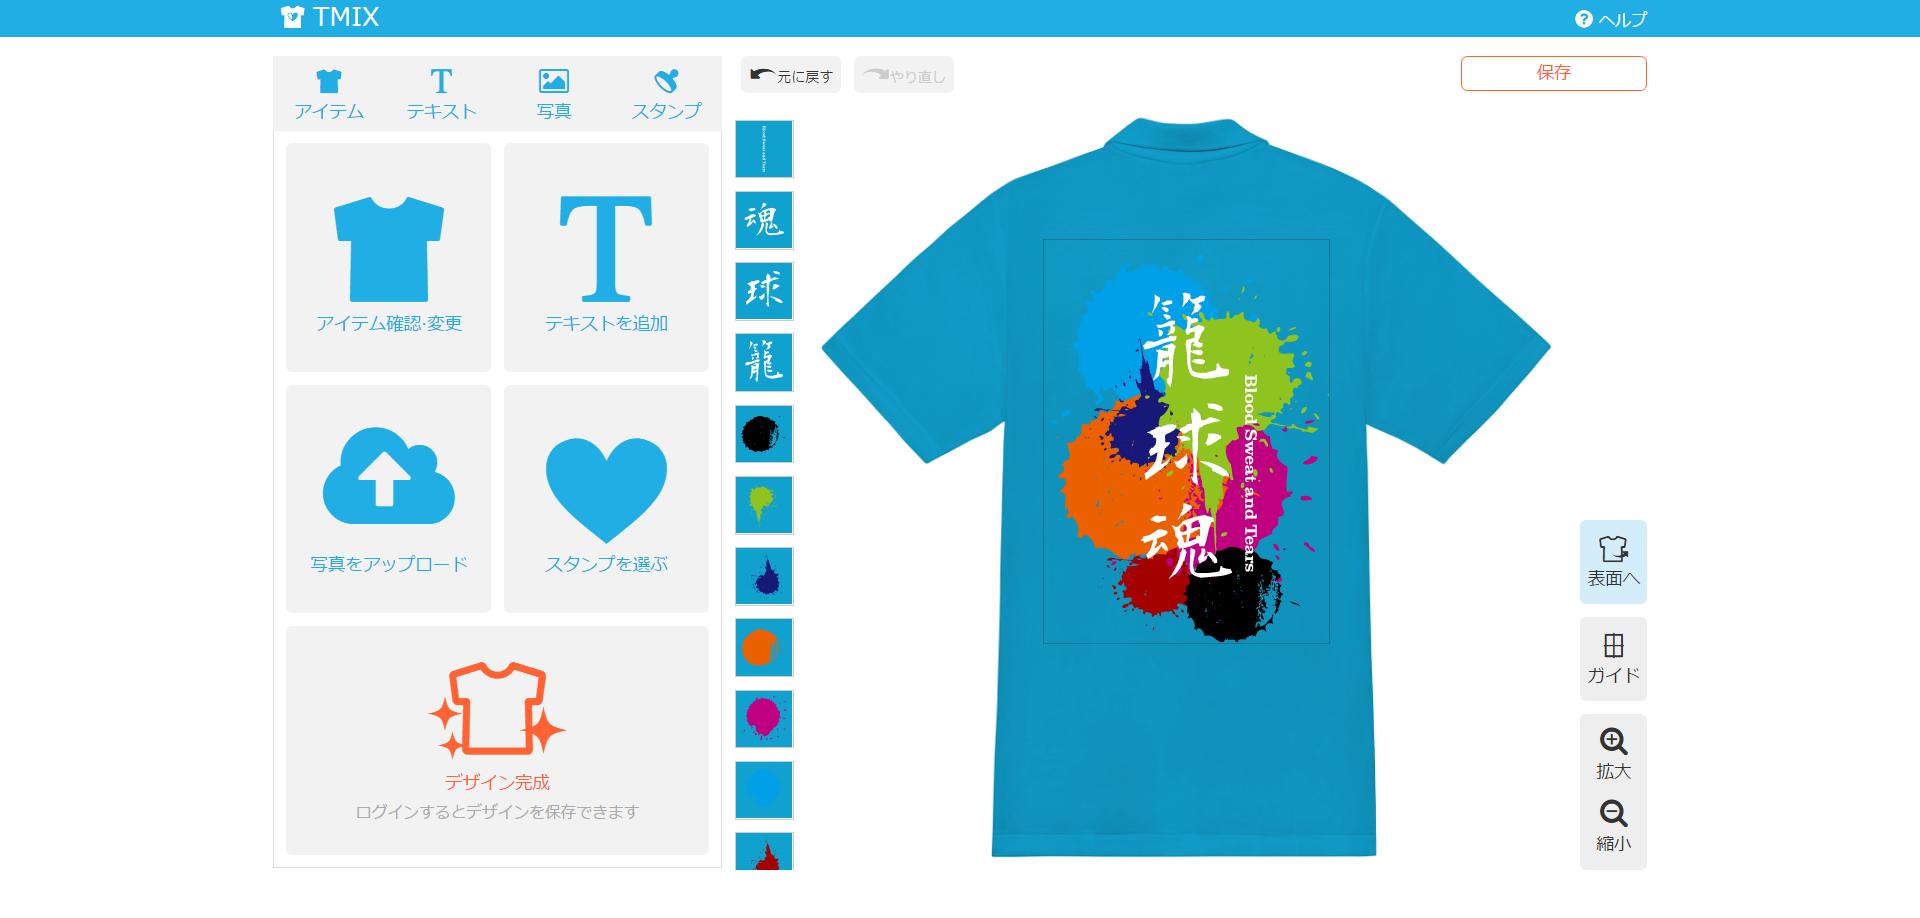 オリジナルポロシャツのデザイン例と作成方法-無料ソフト不要で1枚から